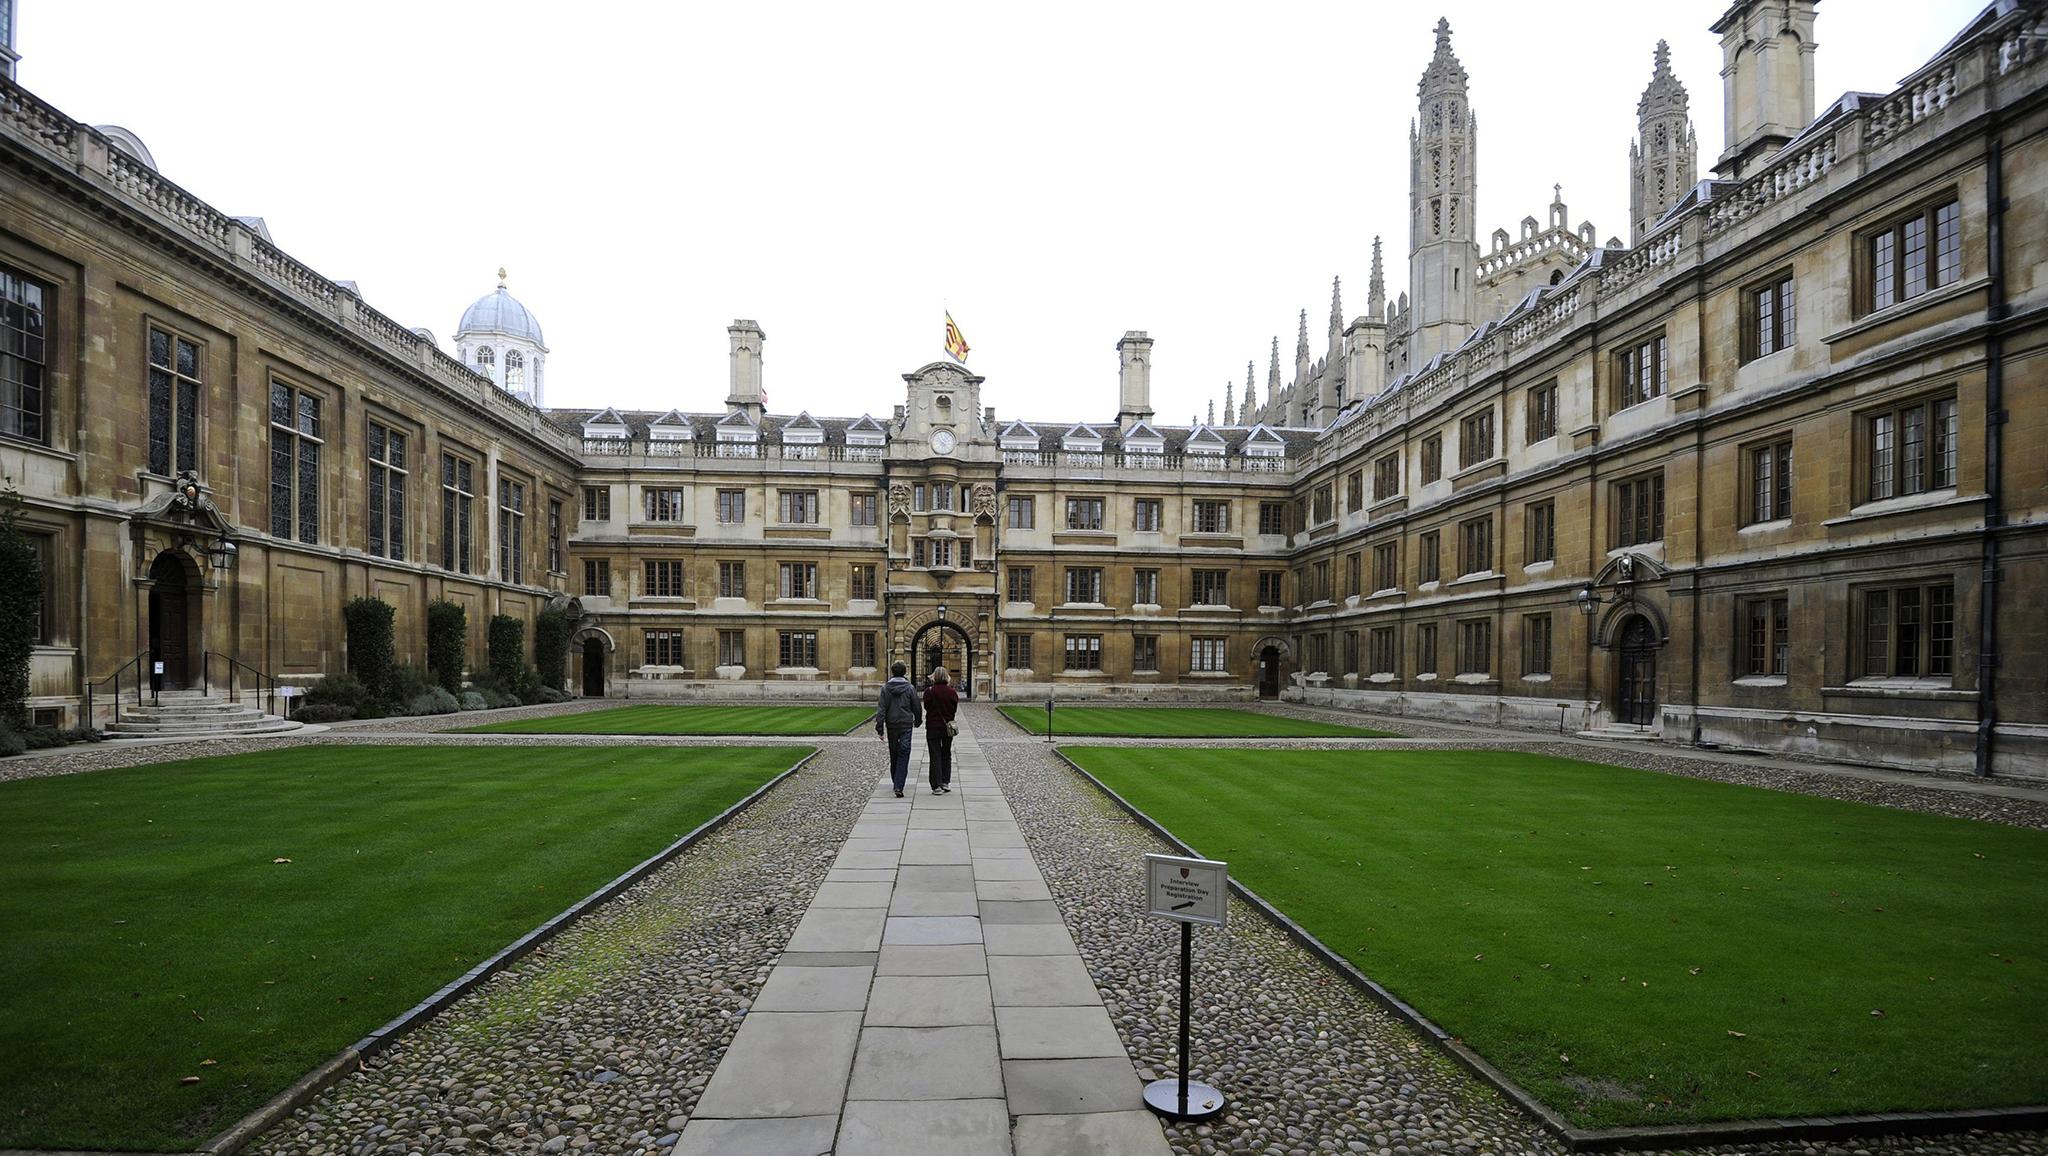 Cambridge | Petição contra censura no portal da Universidade